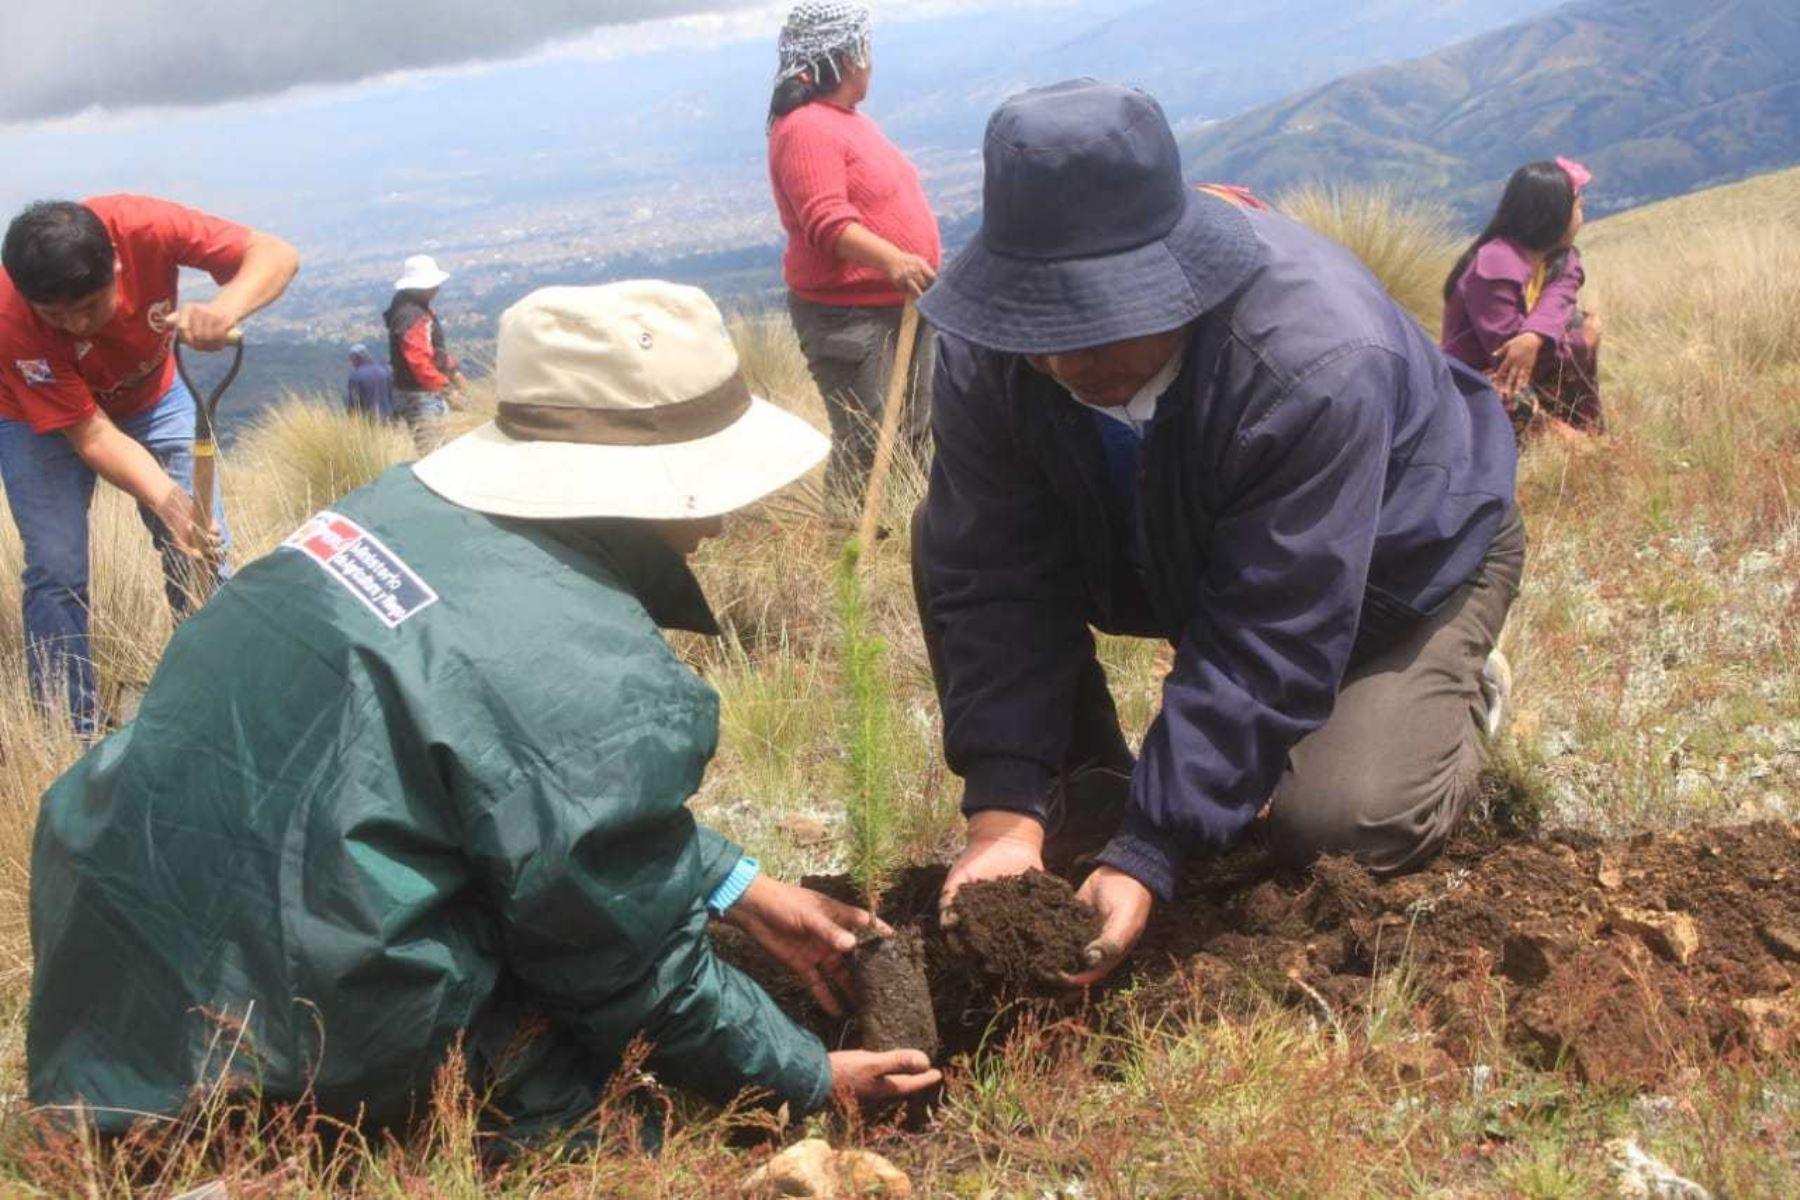 """Más de 500 campesinos hombres y mujeres del distrito de Pucará en la provincia de Huancayo, participaron activamente en el lanzamiento de la """"Campaña Forestal en la Región Junin"""", impulsada por el Ministerio de Agricultura y Riego (Minagri) y ejecutada a través de Agro Rural en alianza estratégica con los gobiernos regionales y locales."""